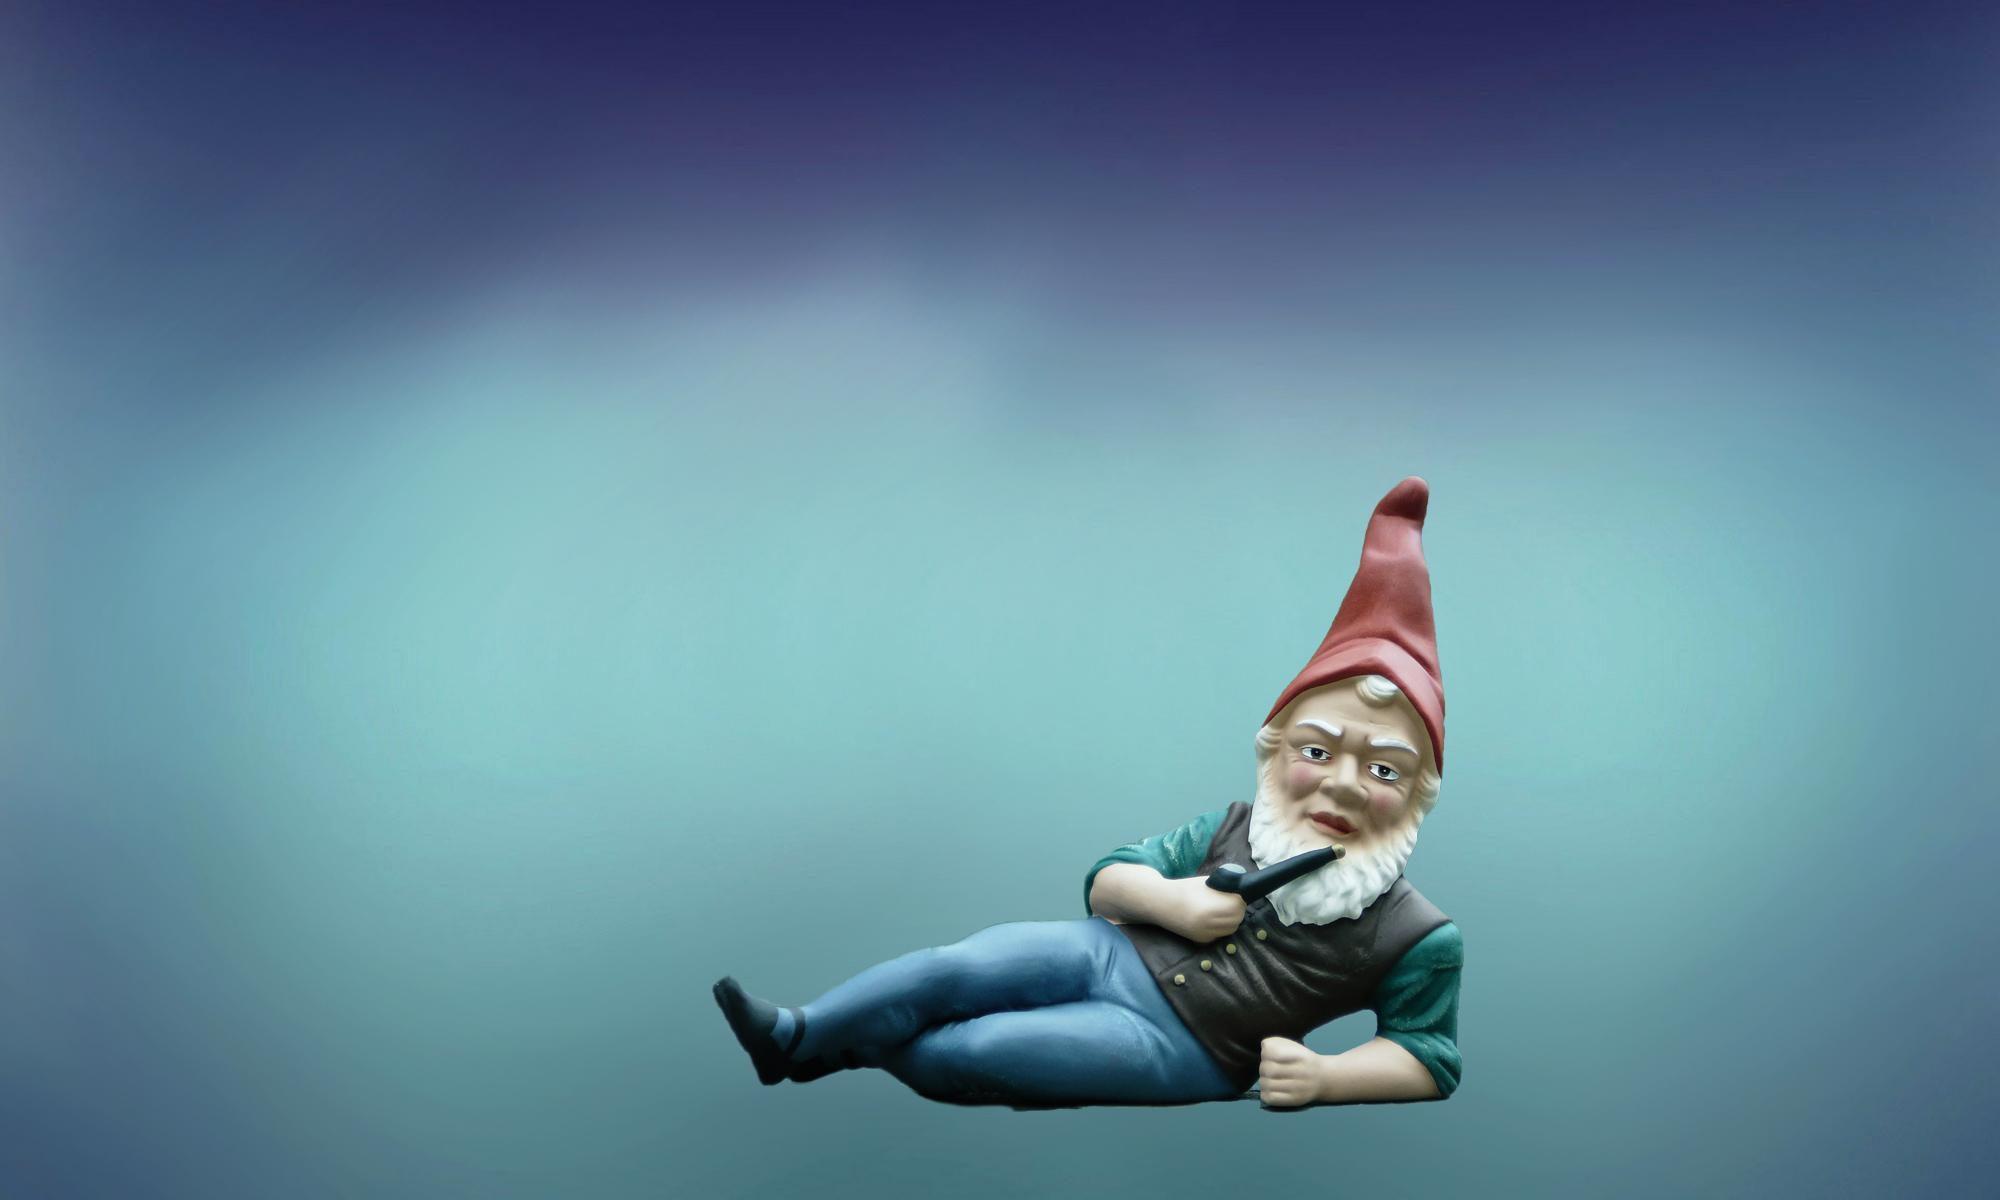 Daniel J. Donovan's Lawn Gnome